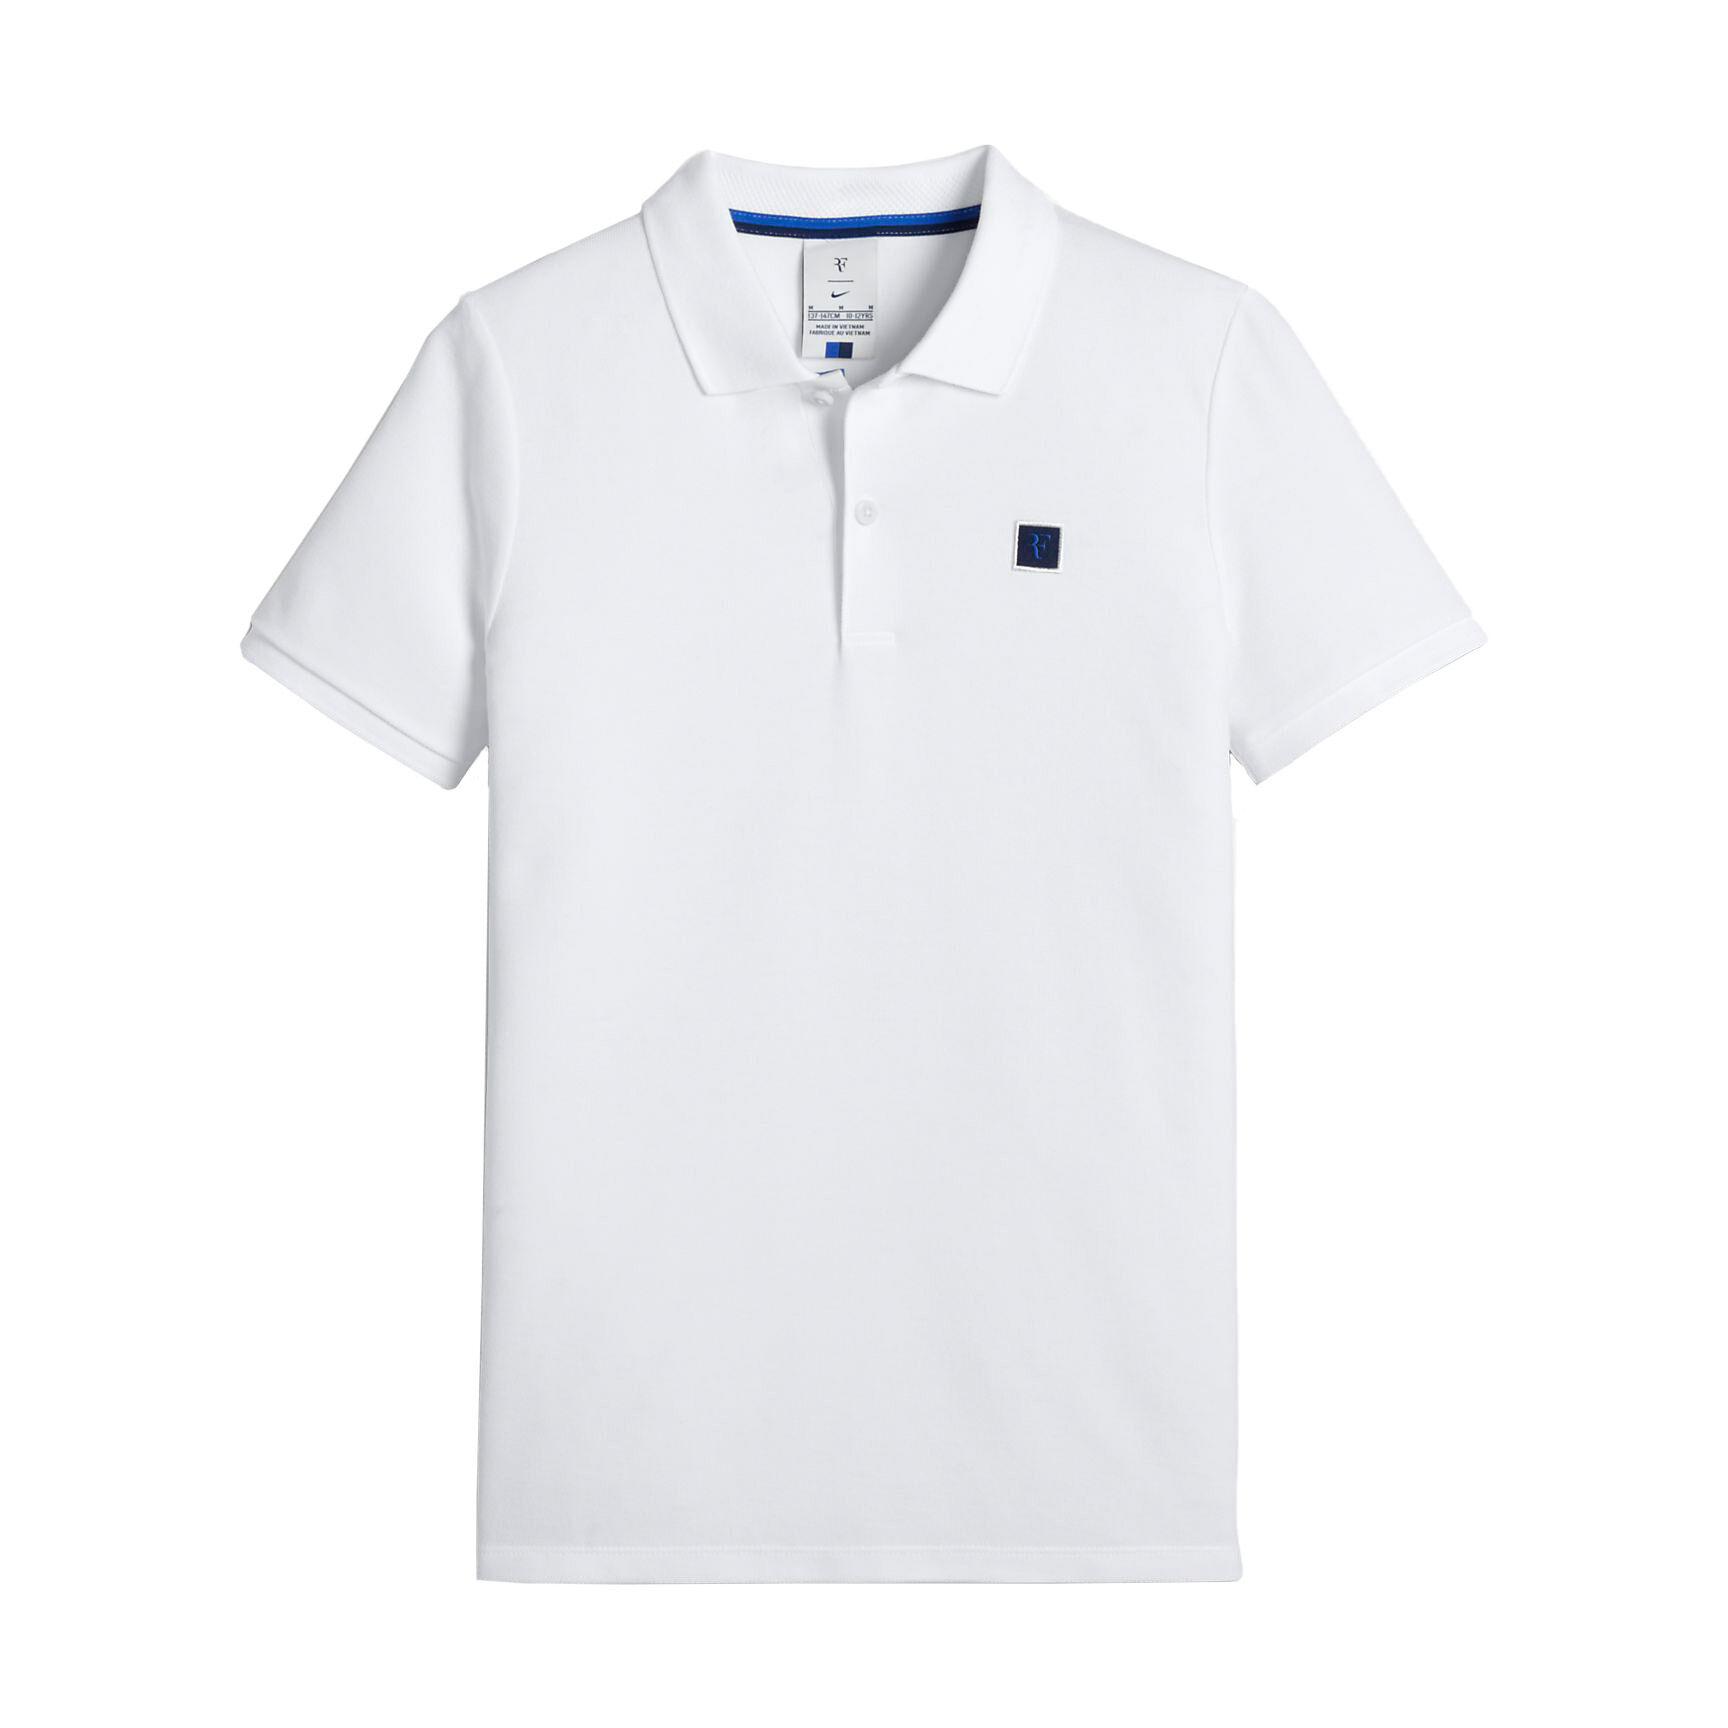 Polo Nike Court RF Essential Tenis Blanco